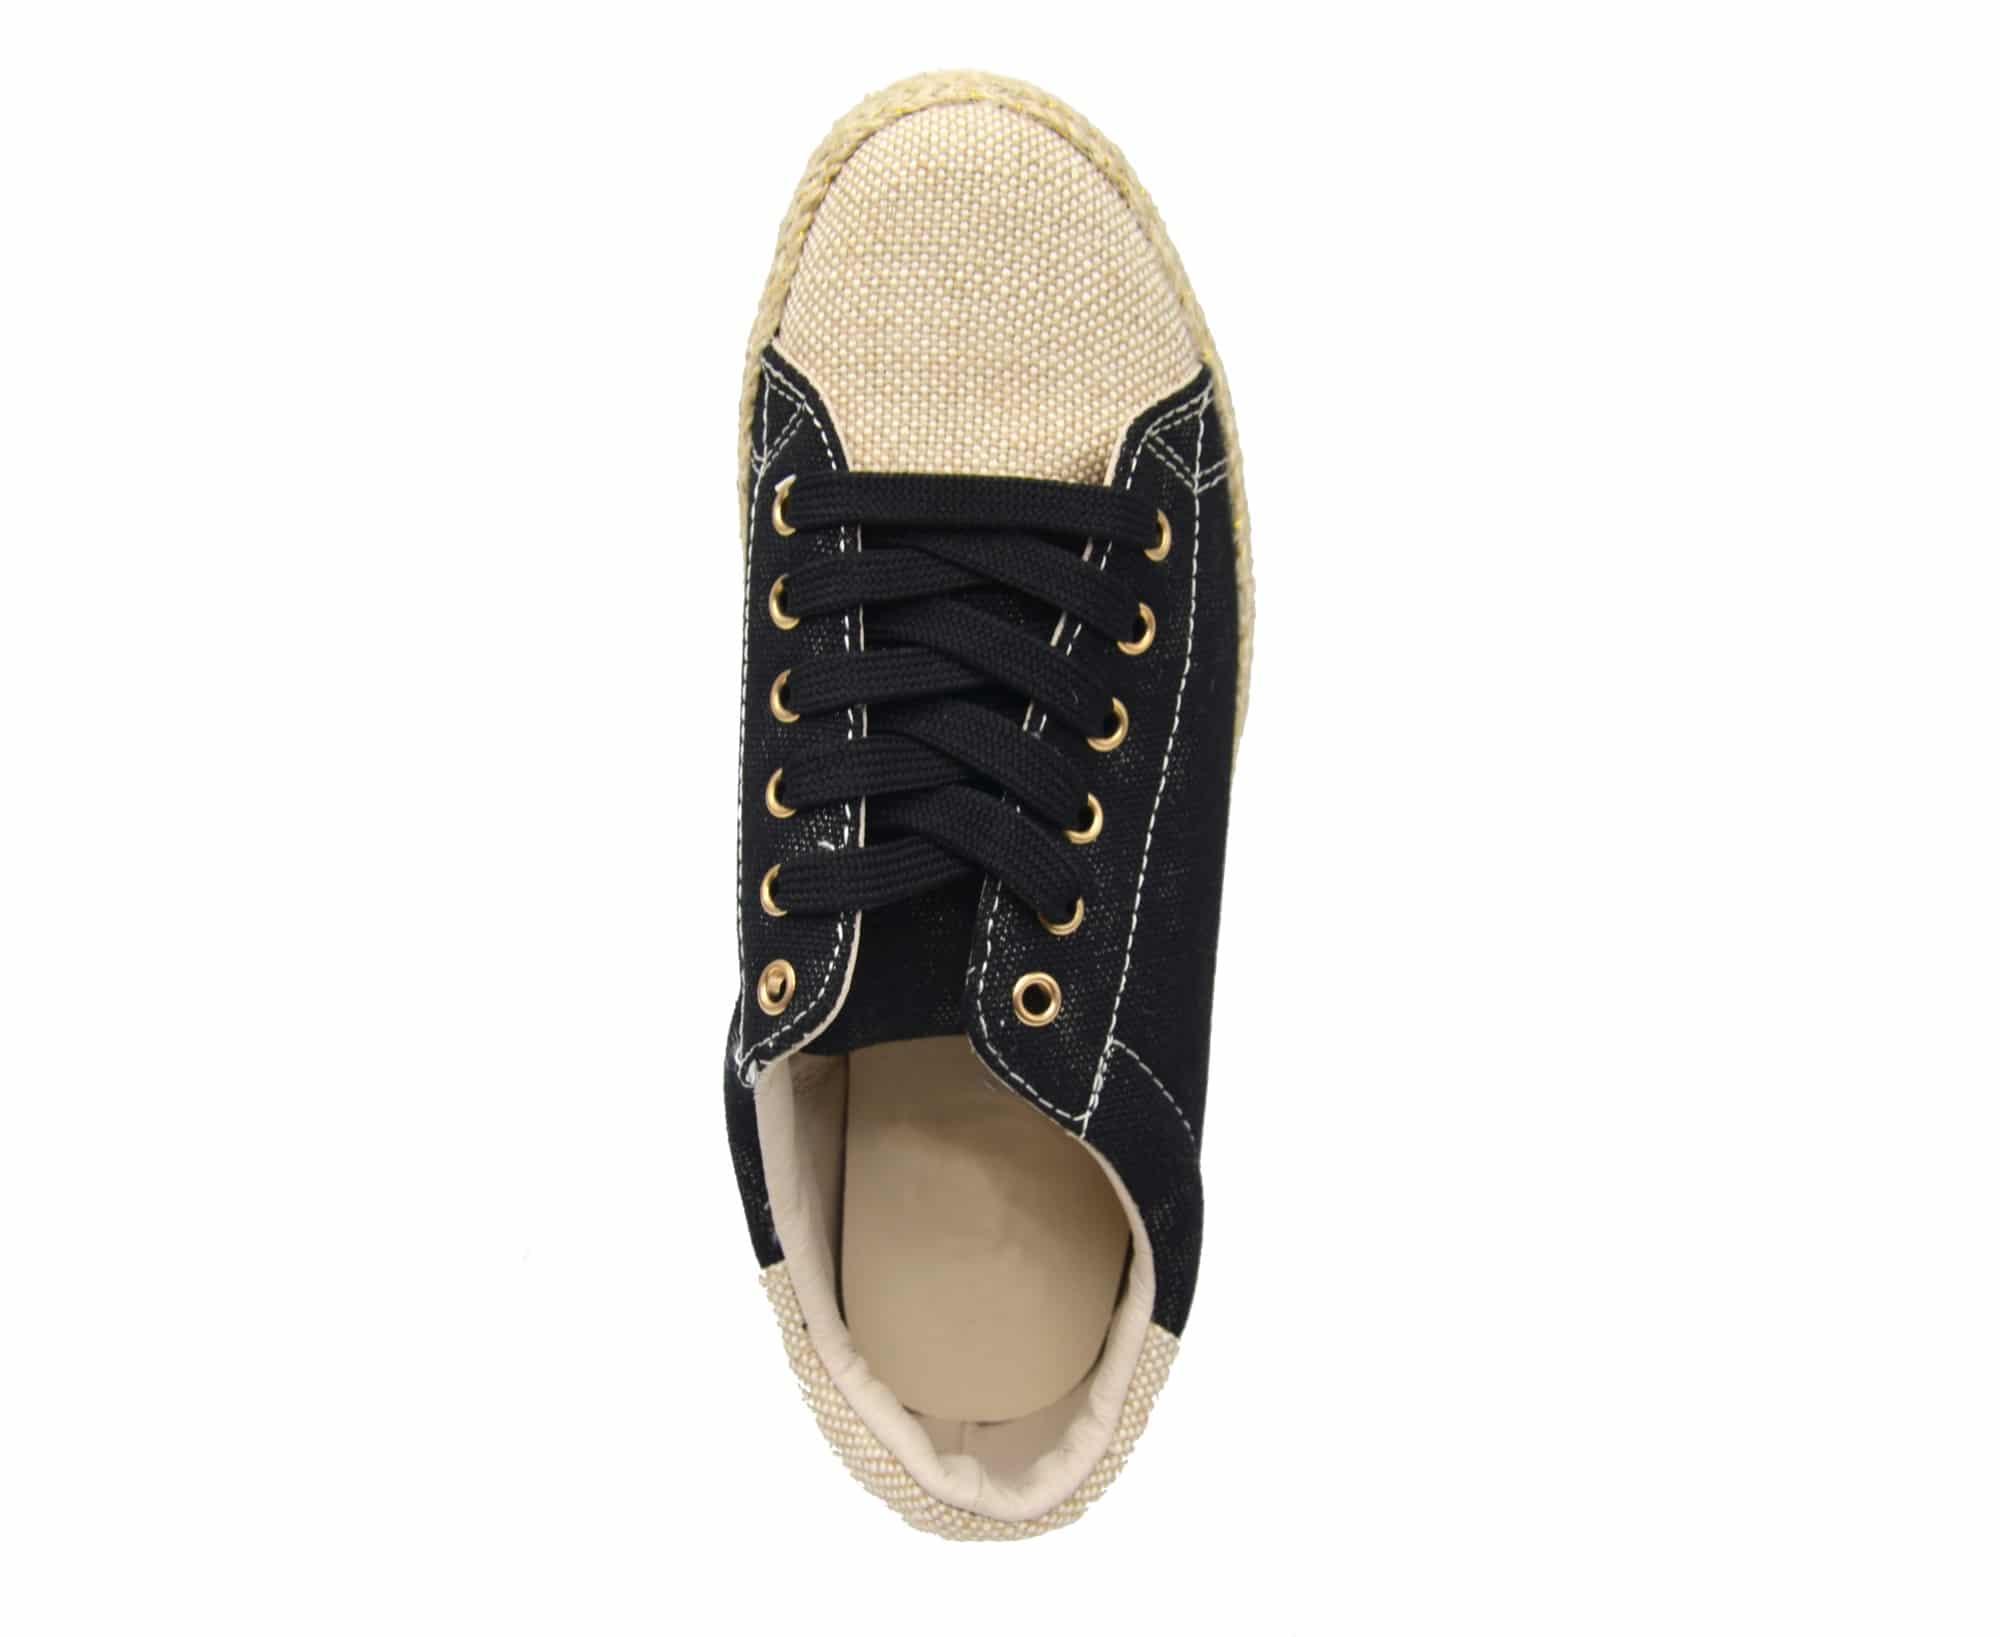 Denim Bouts Noir Sneakers Effet Et Avec Shy50Baskets Tennis Jean n0wkNOX8ZP